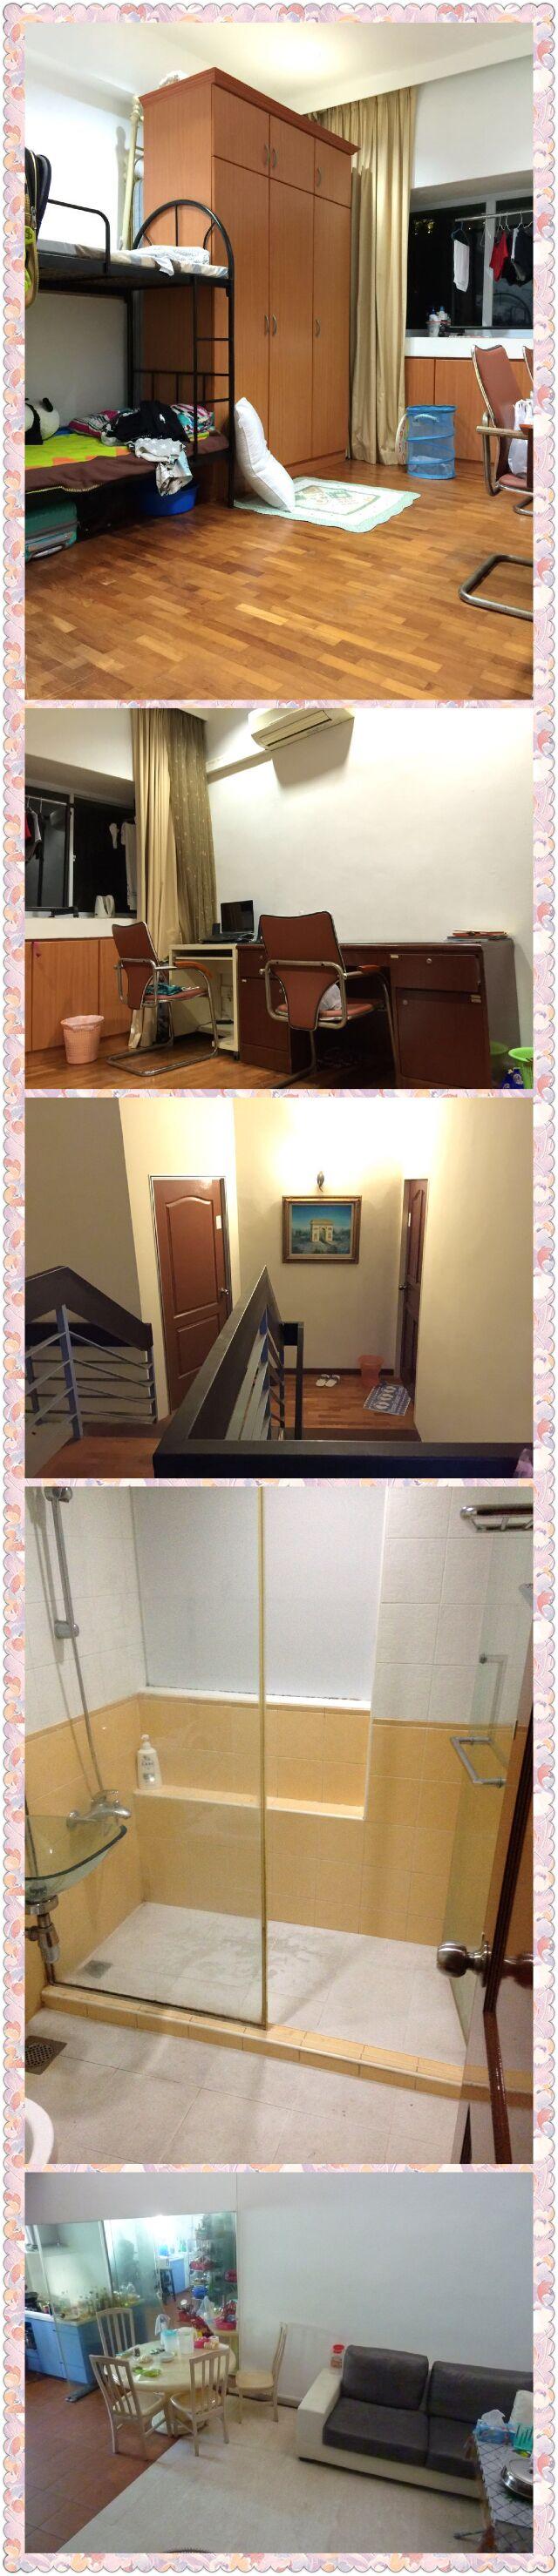 出租近国大,SIM,Nexus国际学校,金文泰MRT公寓普通房男床位